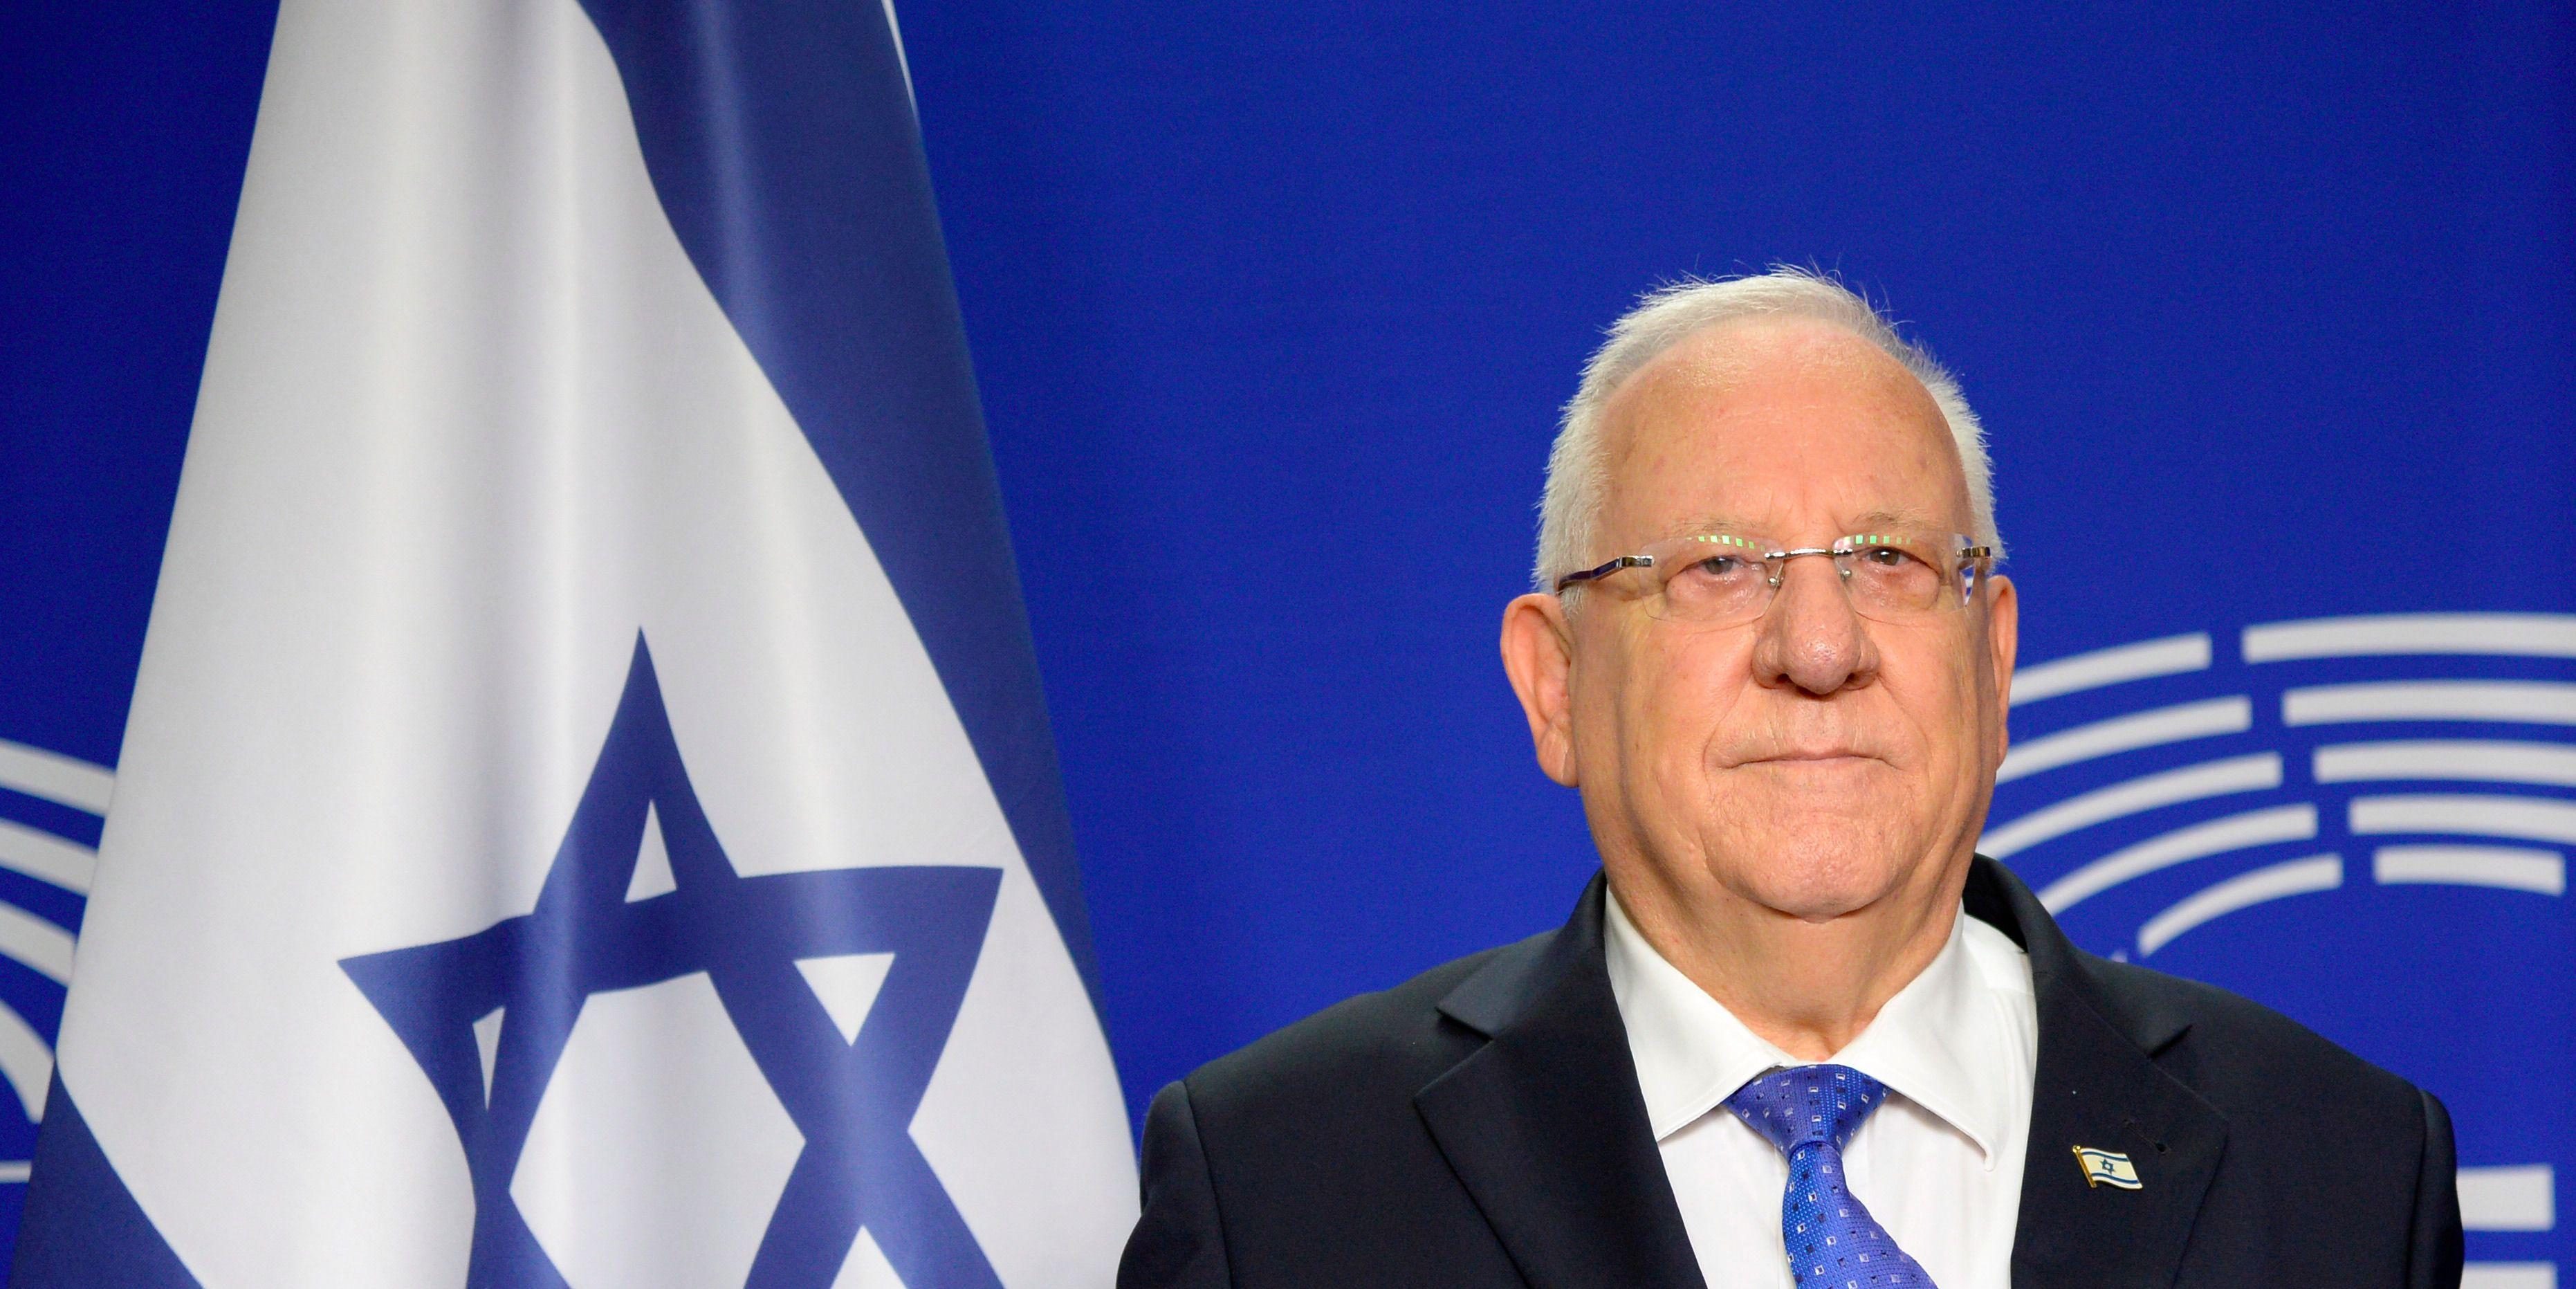 Obama 8 yıl boyunca İsrail'e destek vermek için çalıştı